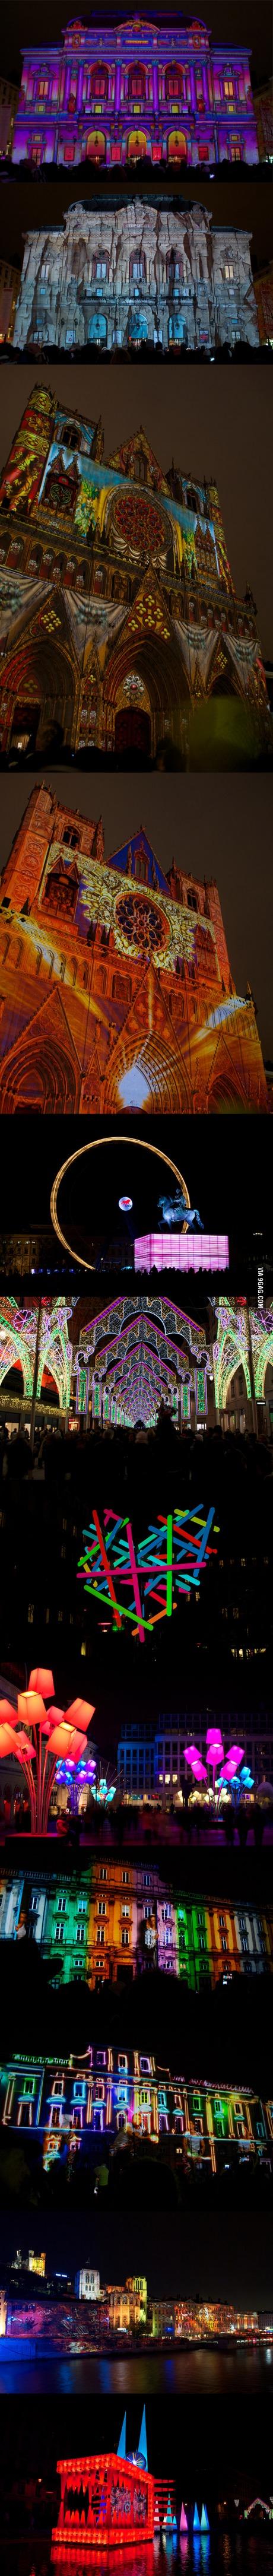 lights, festival, long